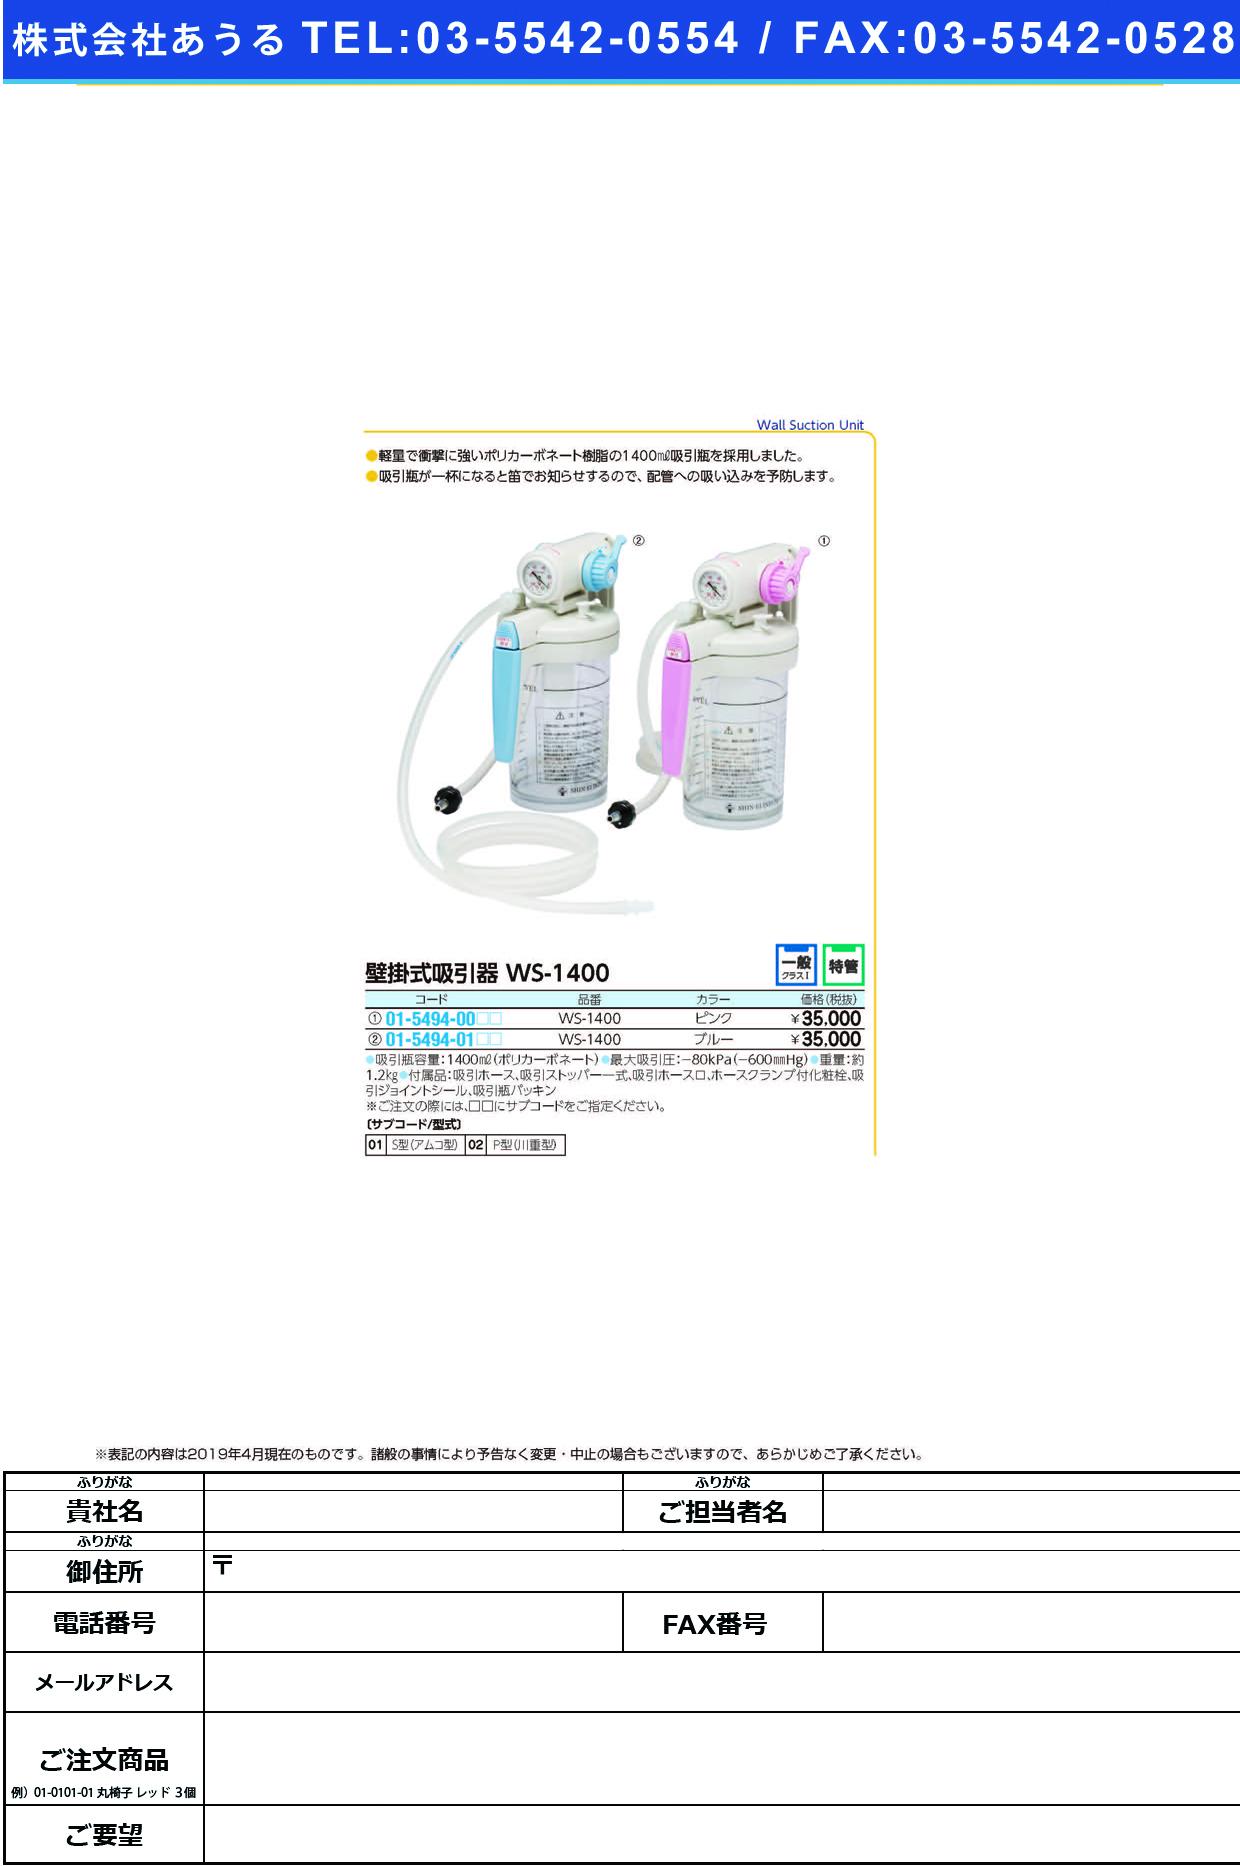 (01-5494-01)壁掛式吸引器 WS-1400(ブルー) カベカケシキキュウインキ S型(アムコ)(新鋭工業)【1台単位】【2019年カタログ商品】